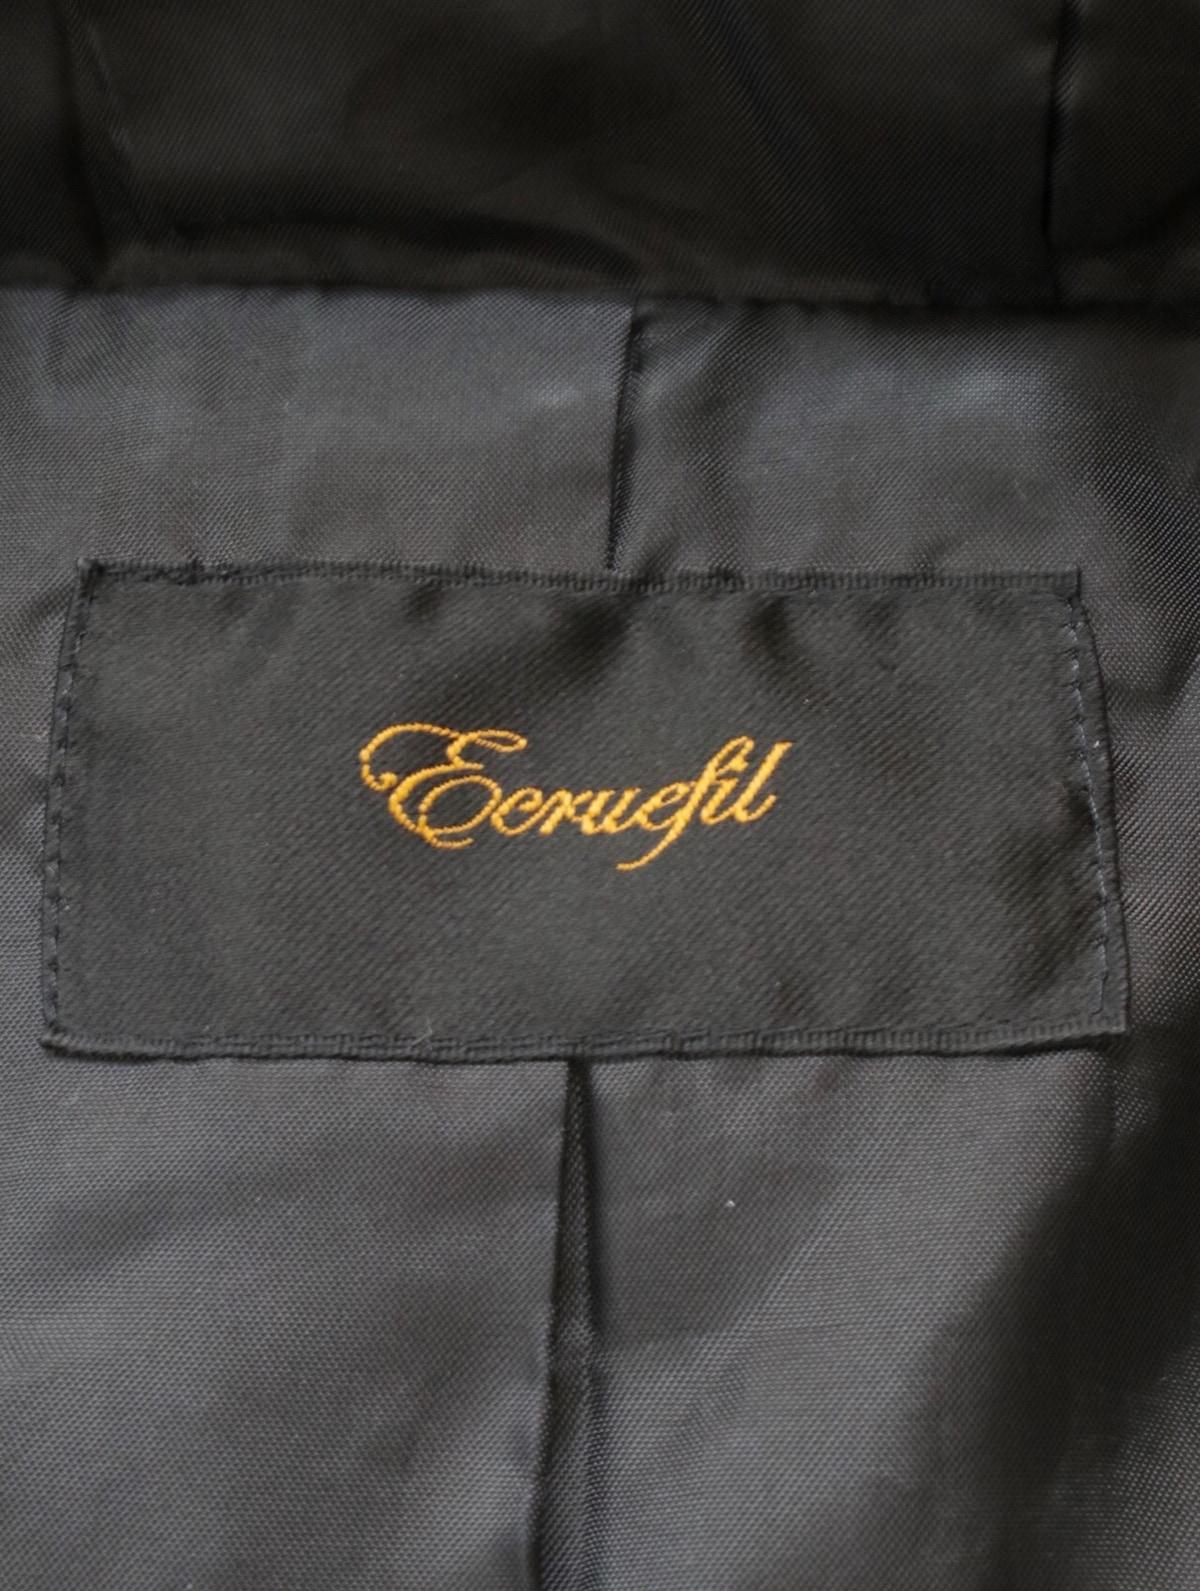 ecruefil(エクリュフィル)のダウンコート